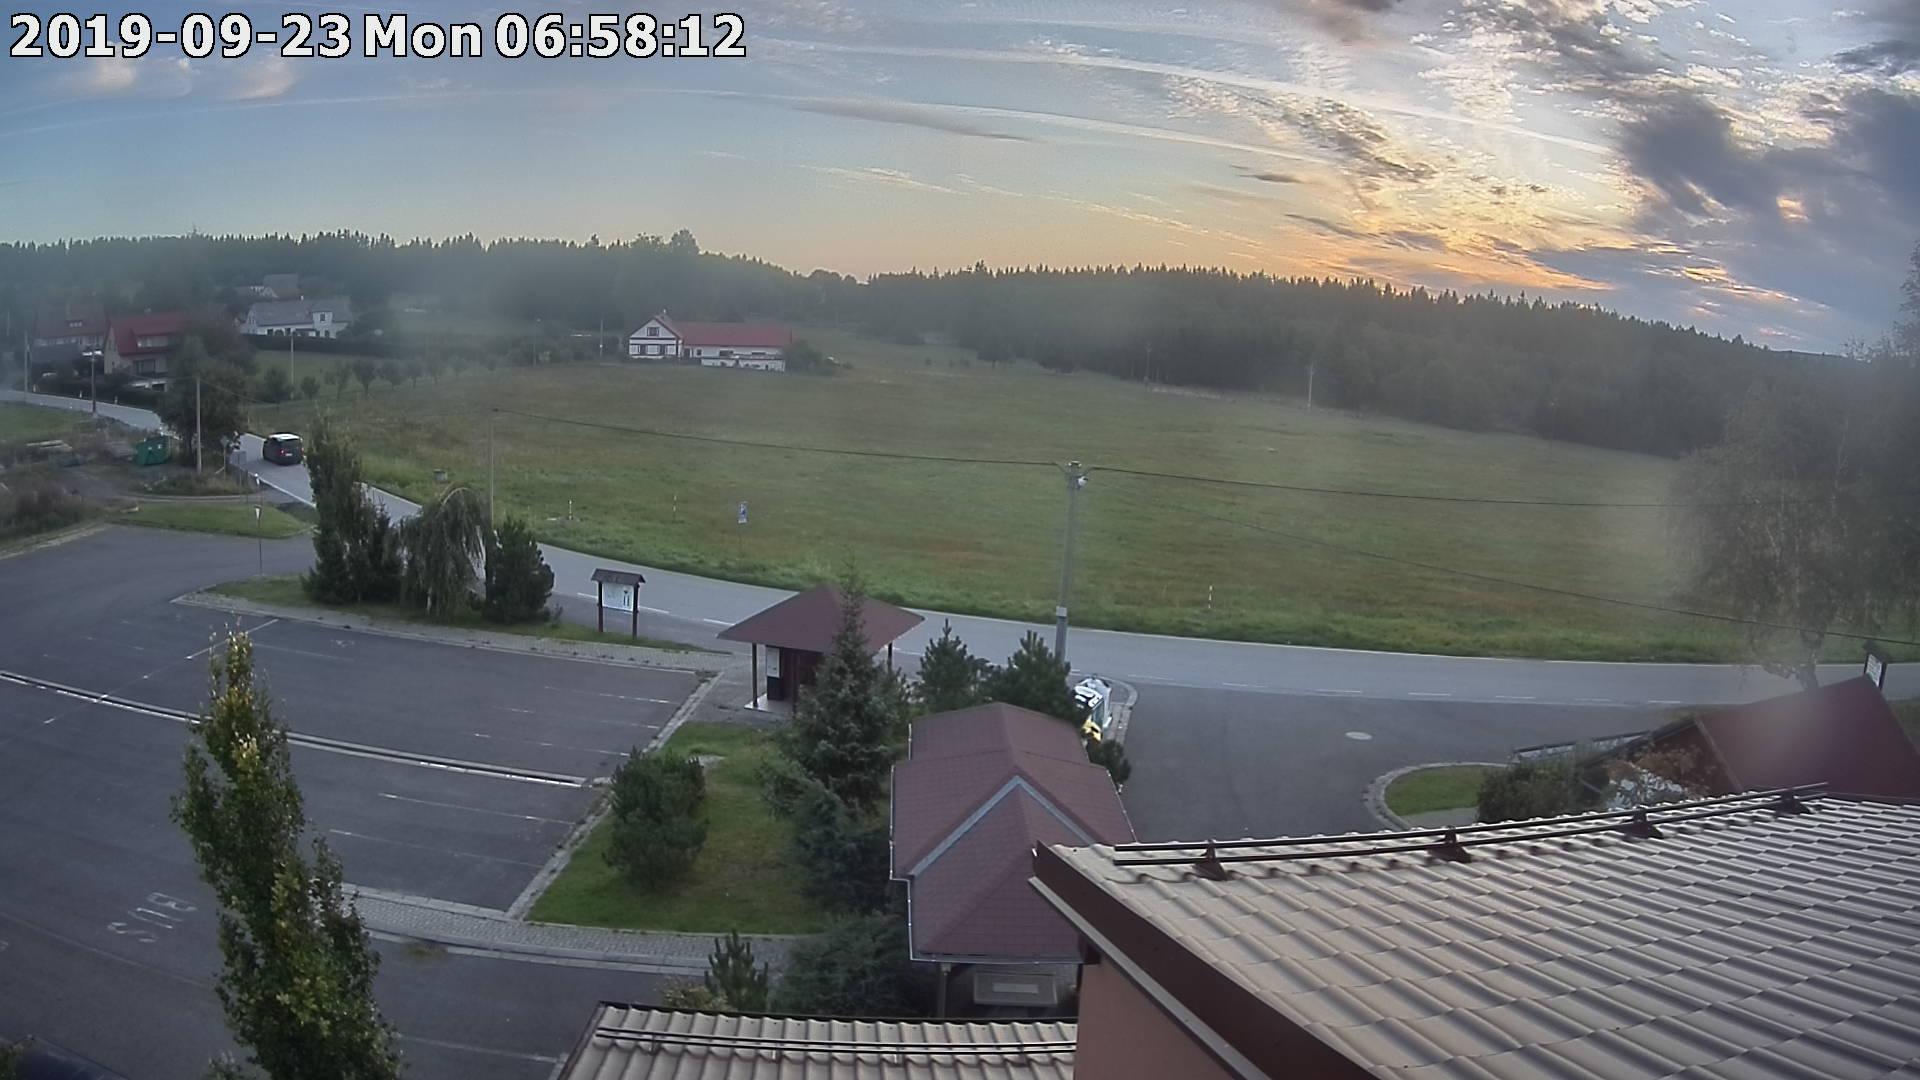 Webkamera ze dne 2019-09-23